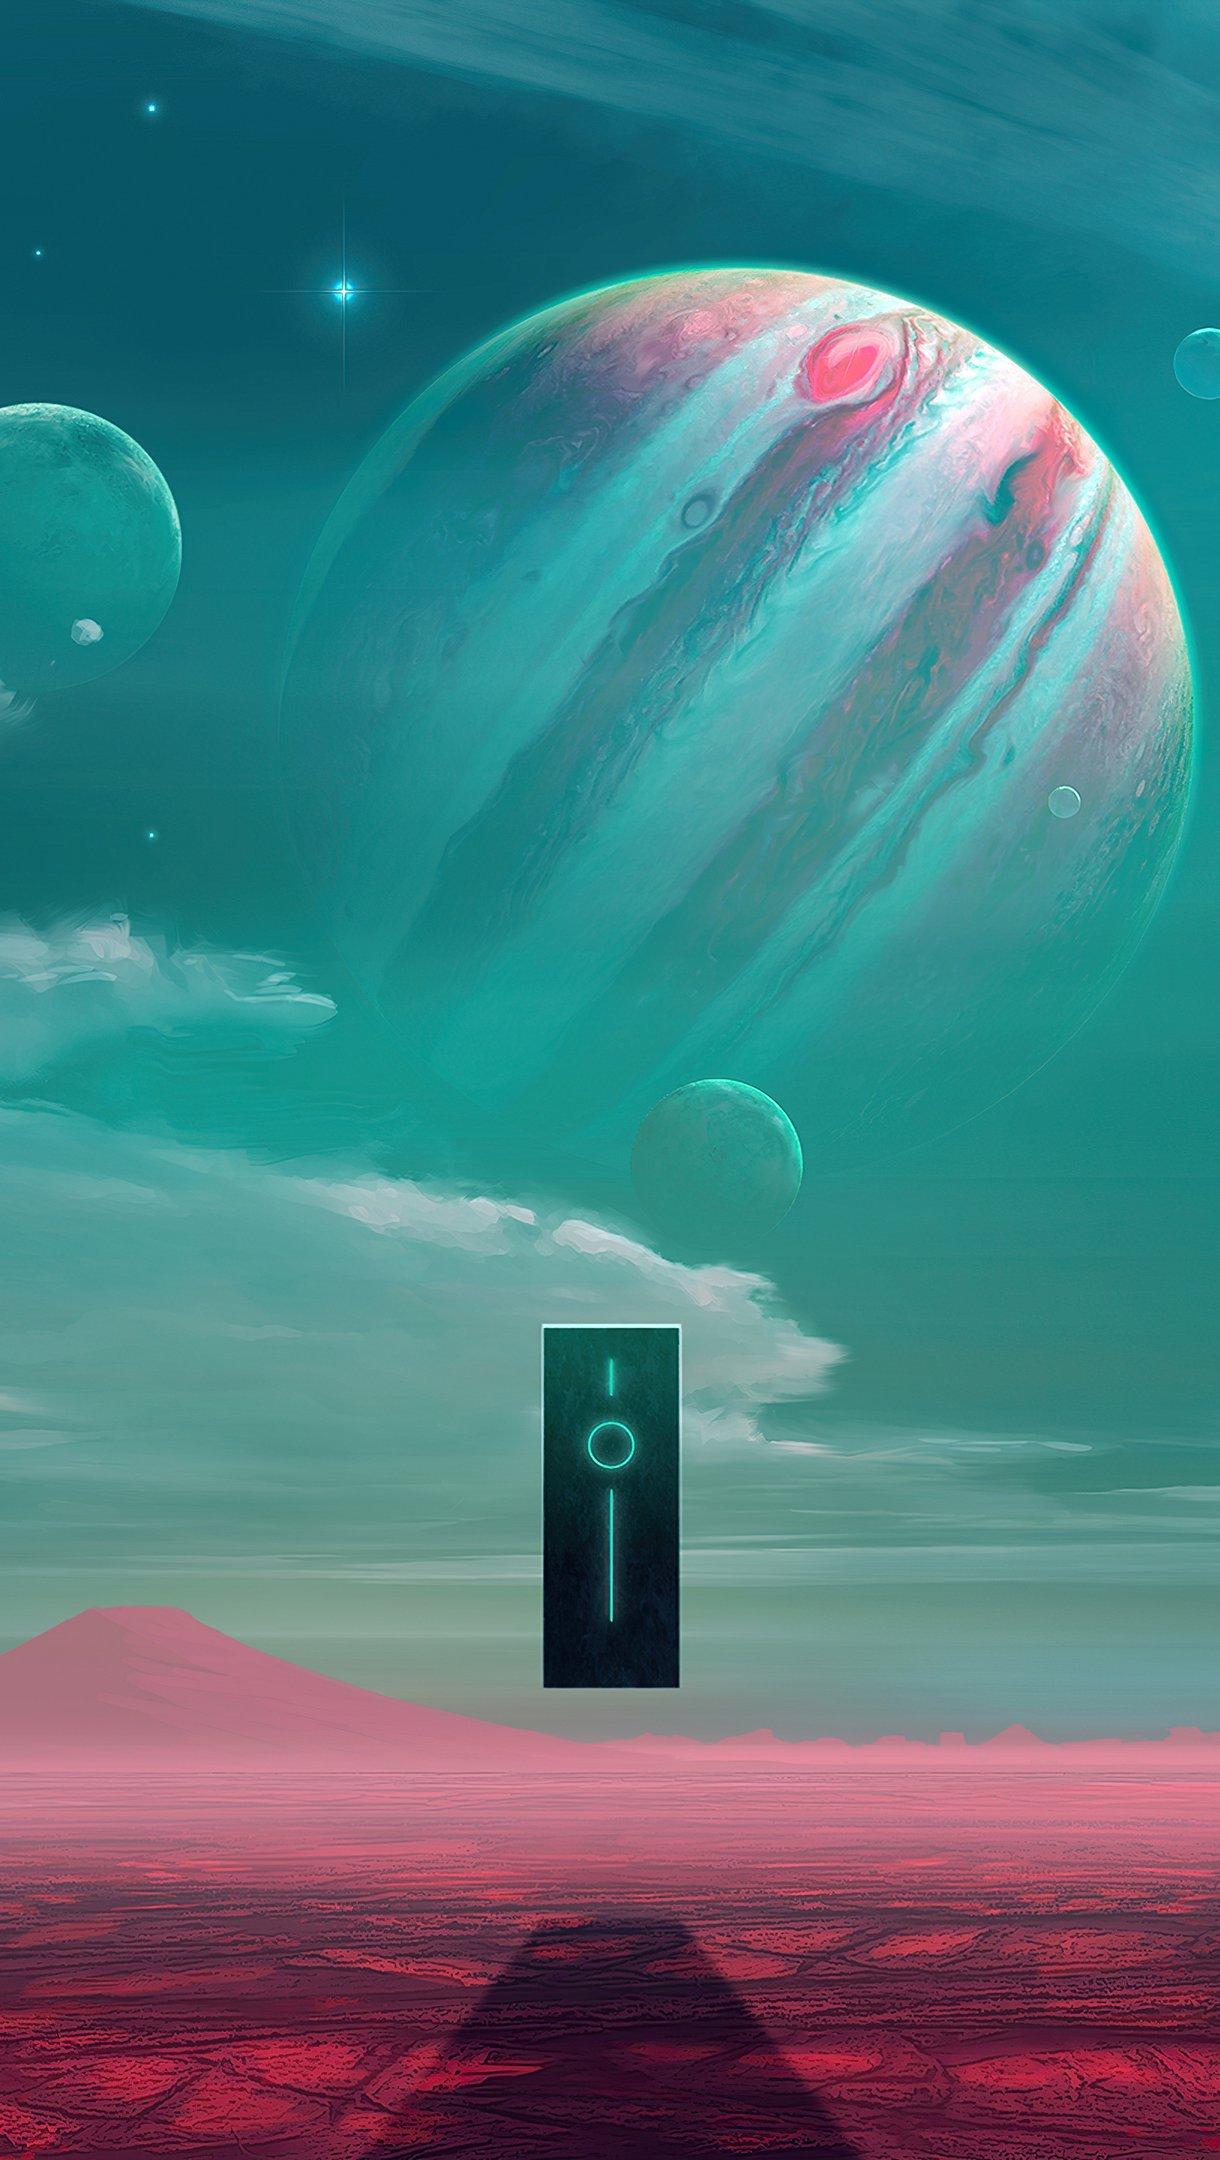 Fondos de pantalla Planeta de ciencia ficción entre estrellas Vertical